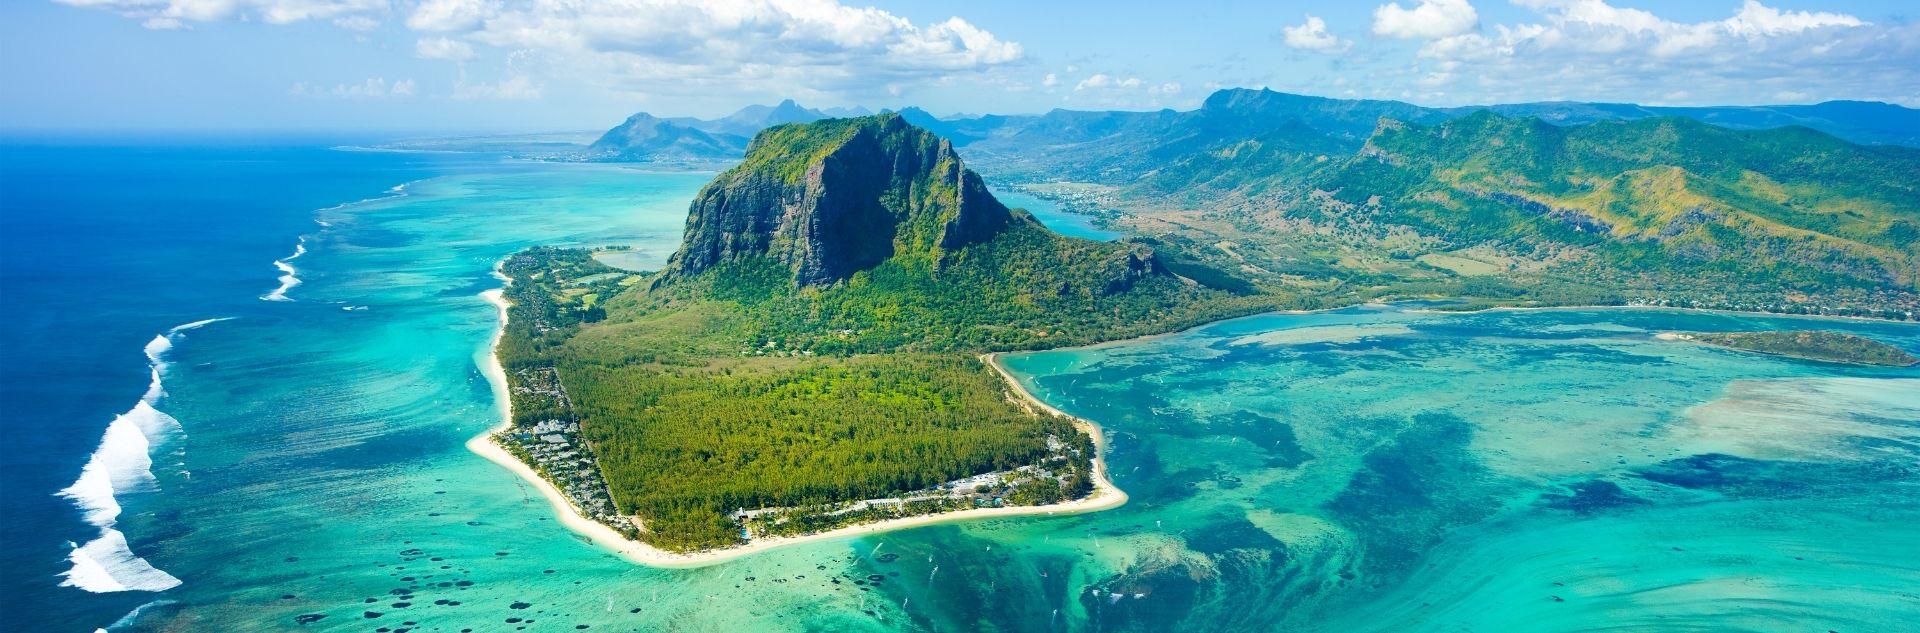 Mauritius Inselansicht von oben